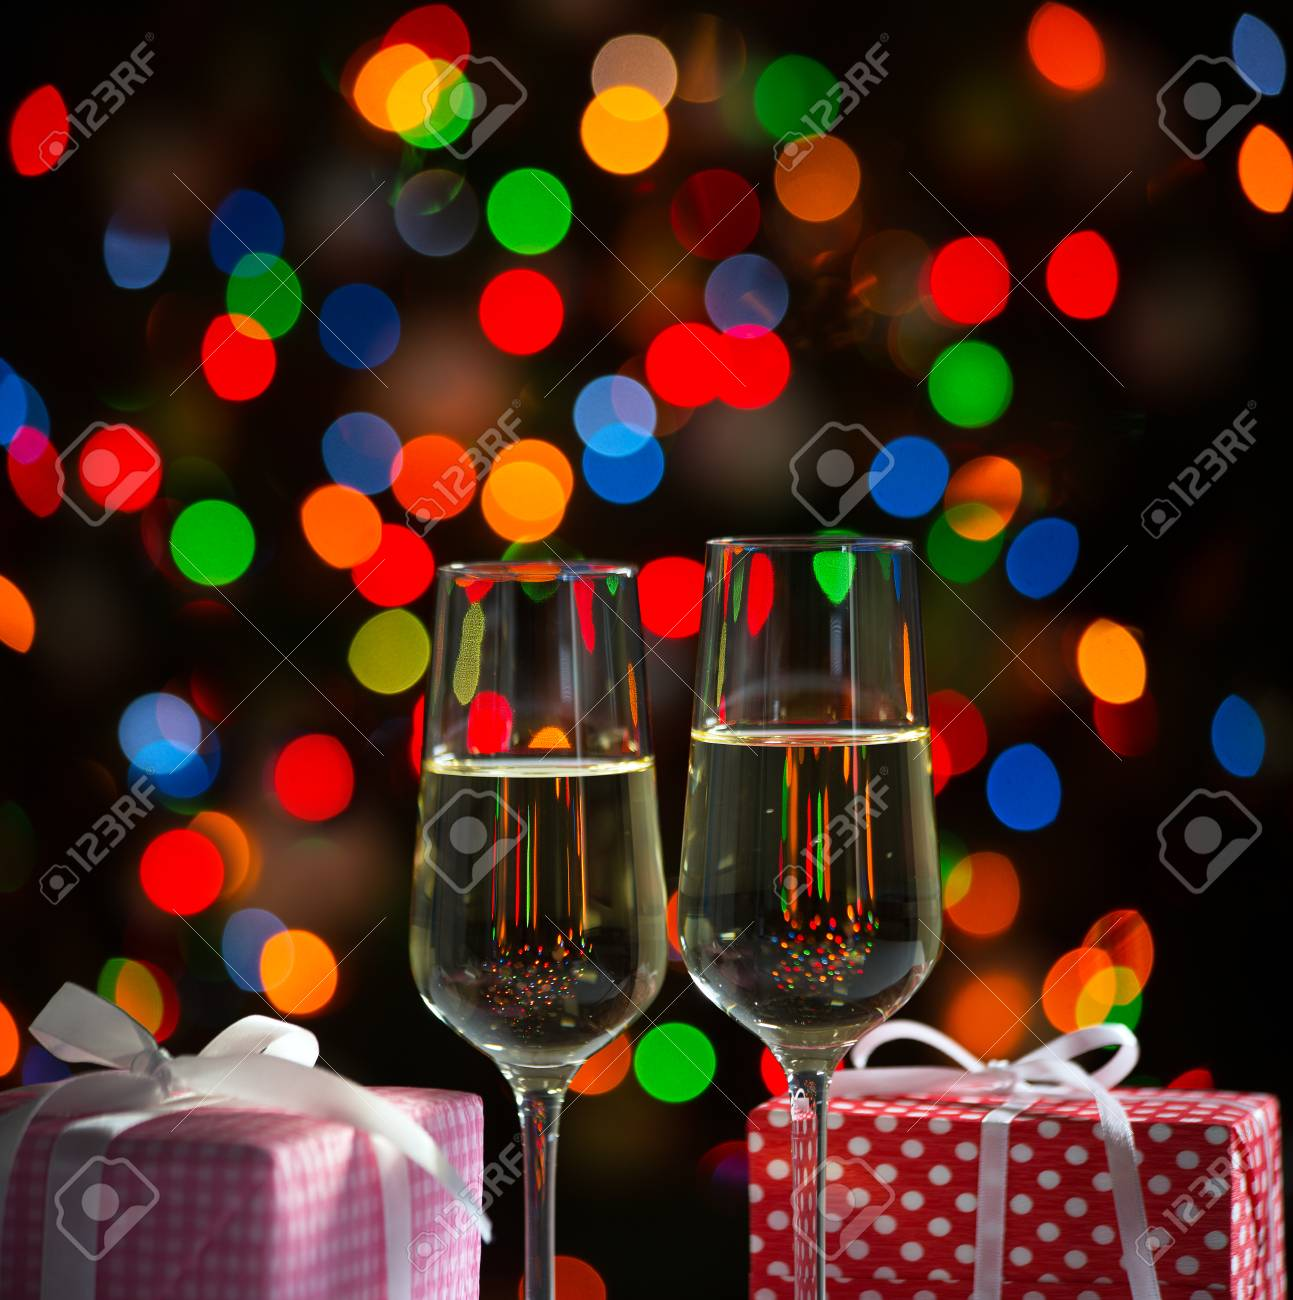 Gläser Wein Und Weihnachtsgeschenke Auf Dem Hellen Hintergrund ...